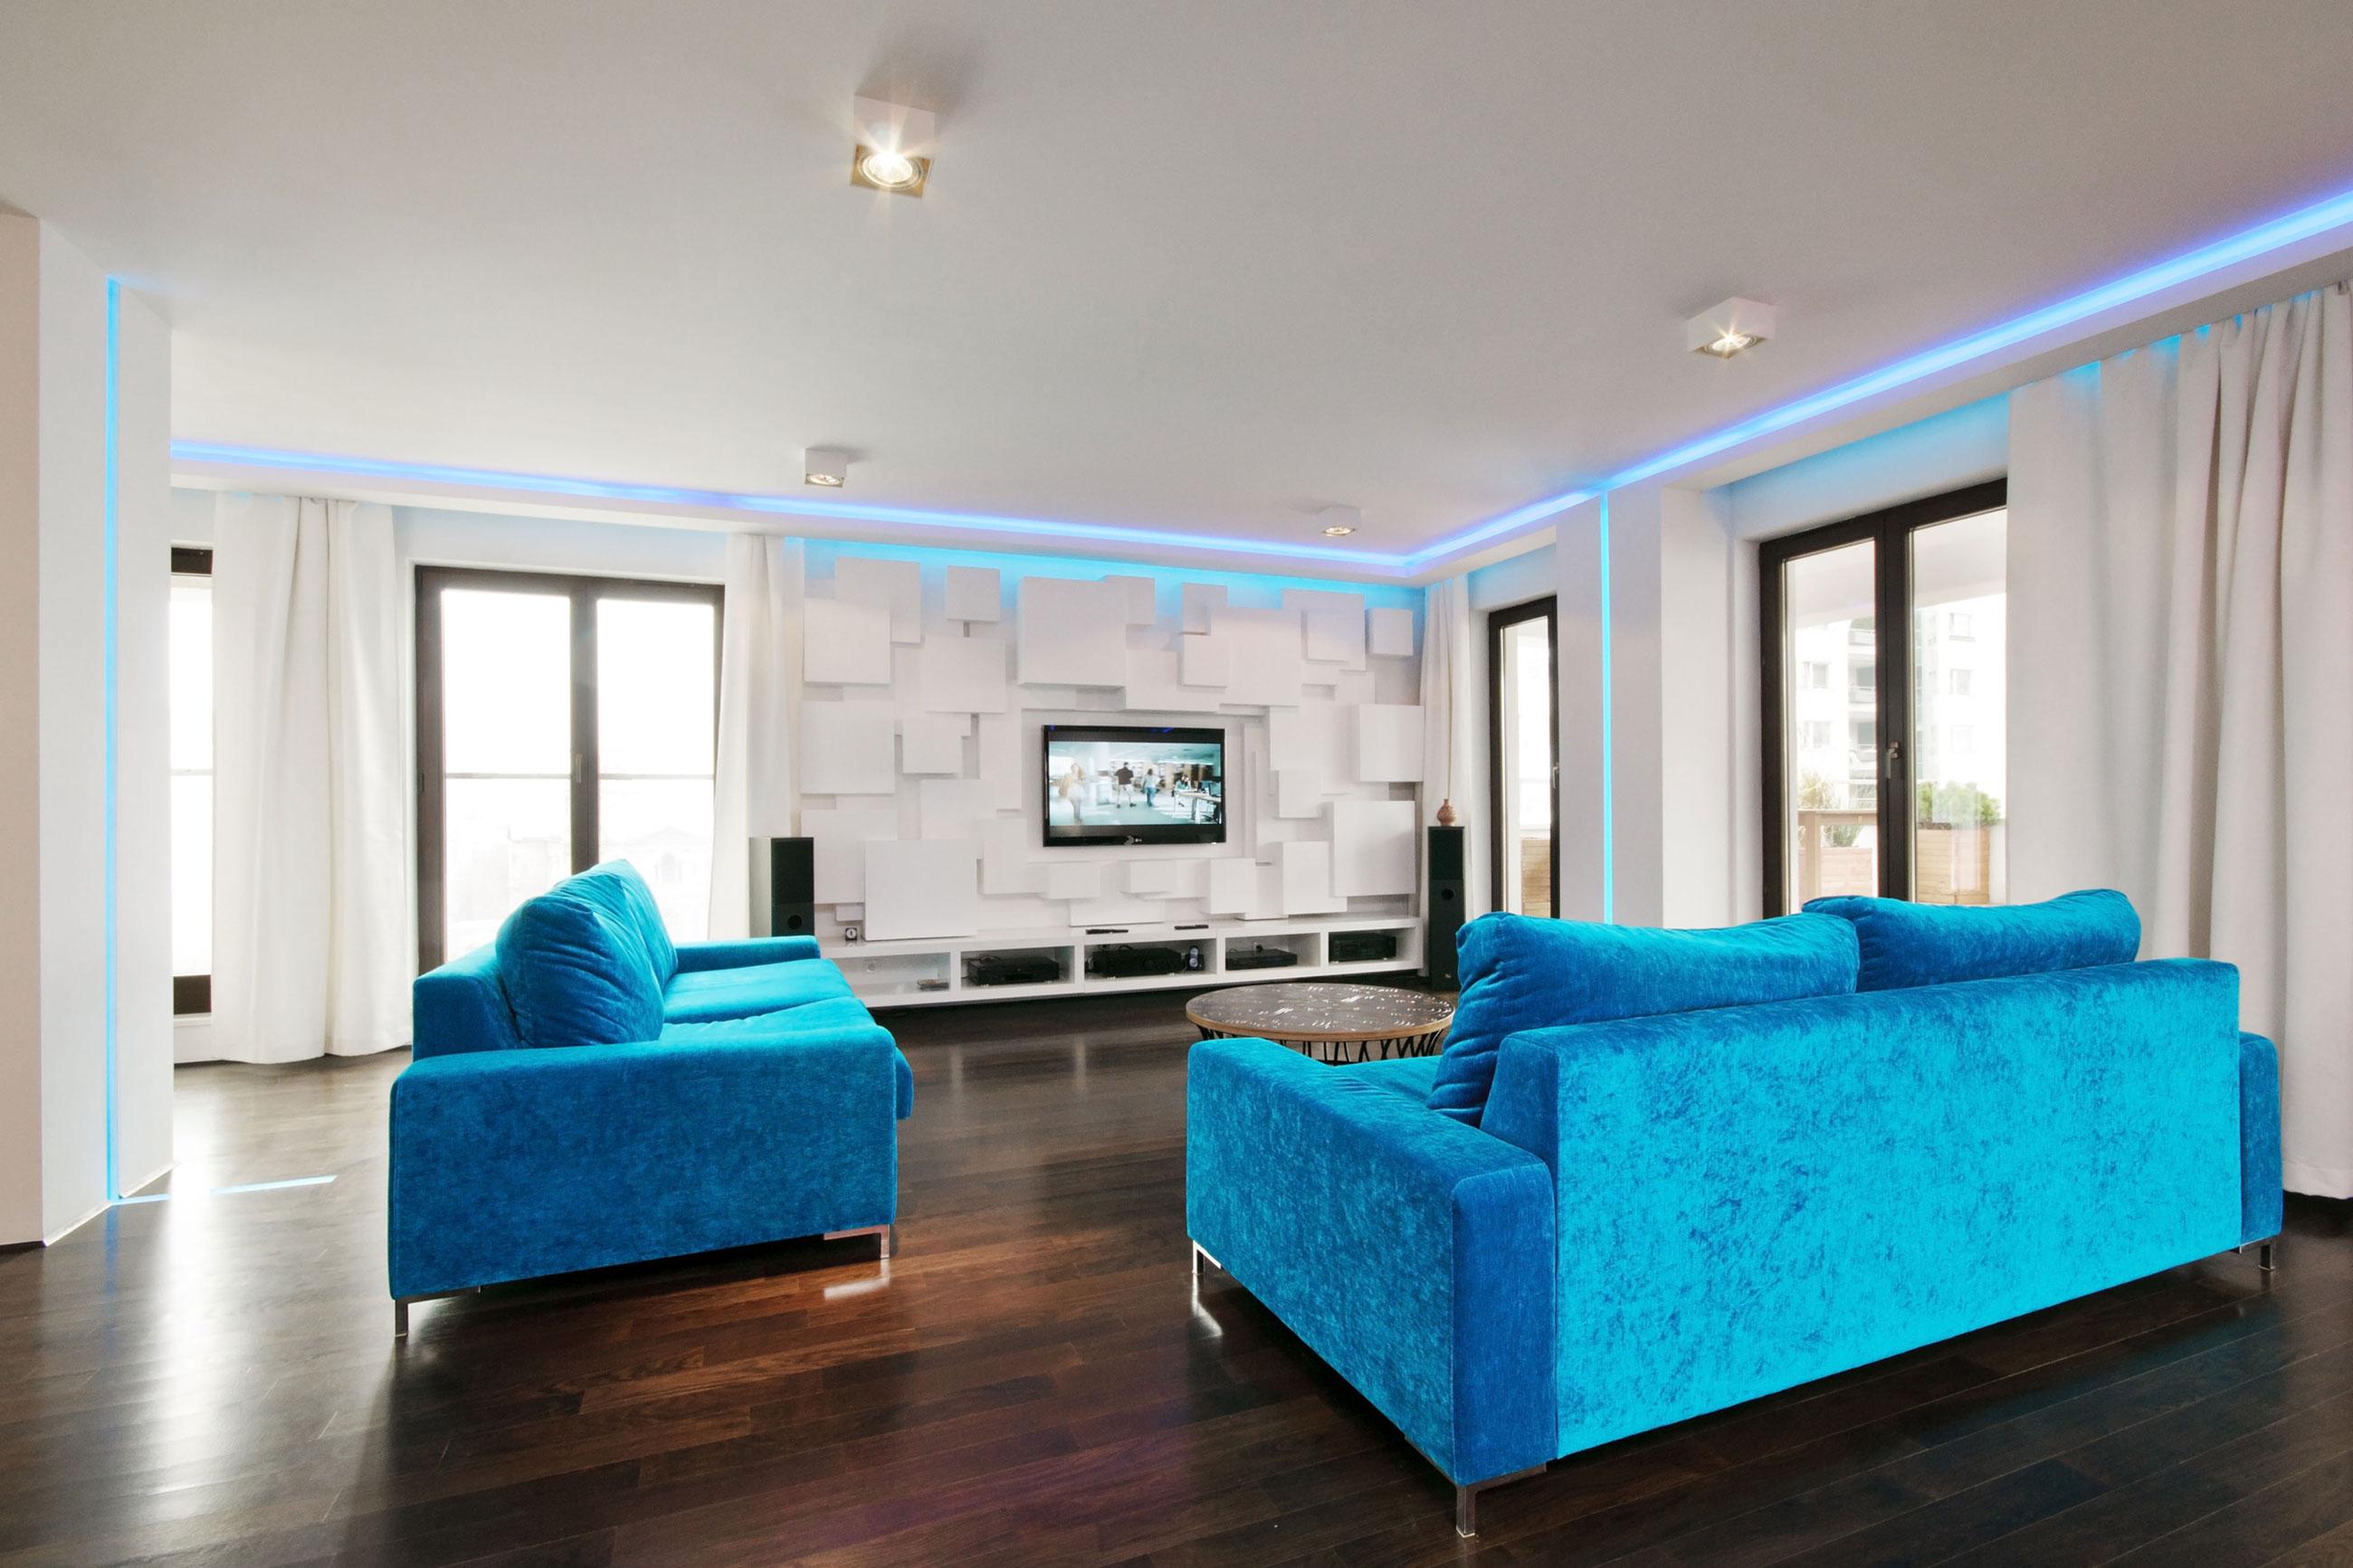 Интерьер комнаты с двумя диванами фото